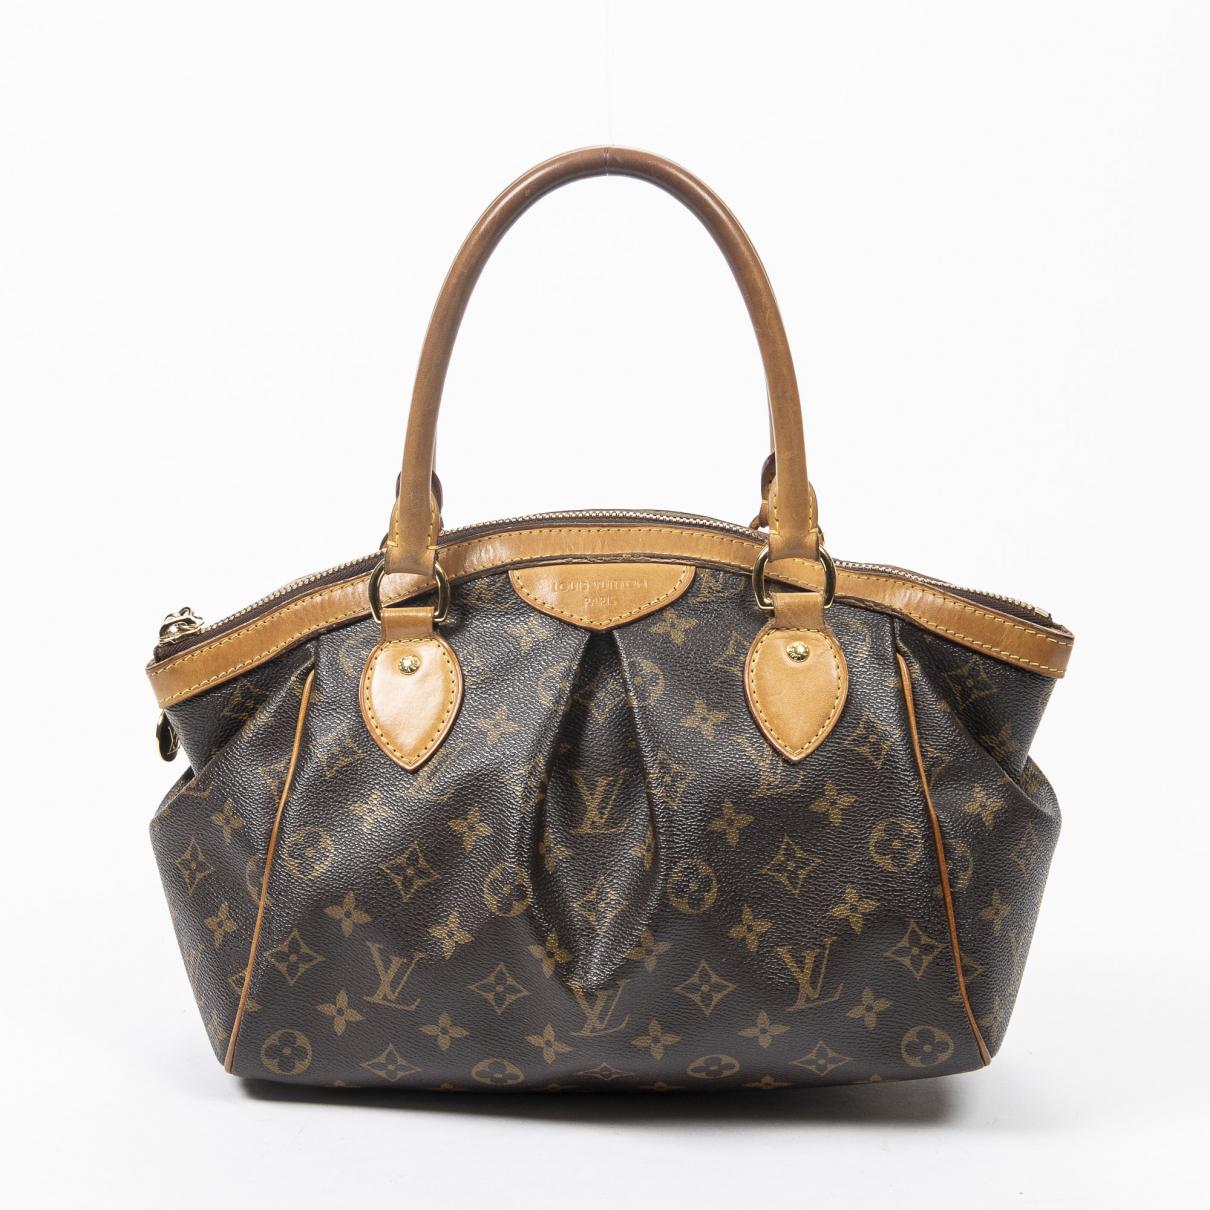 Bolso Tivoli Louis Vuitton